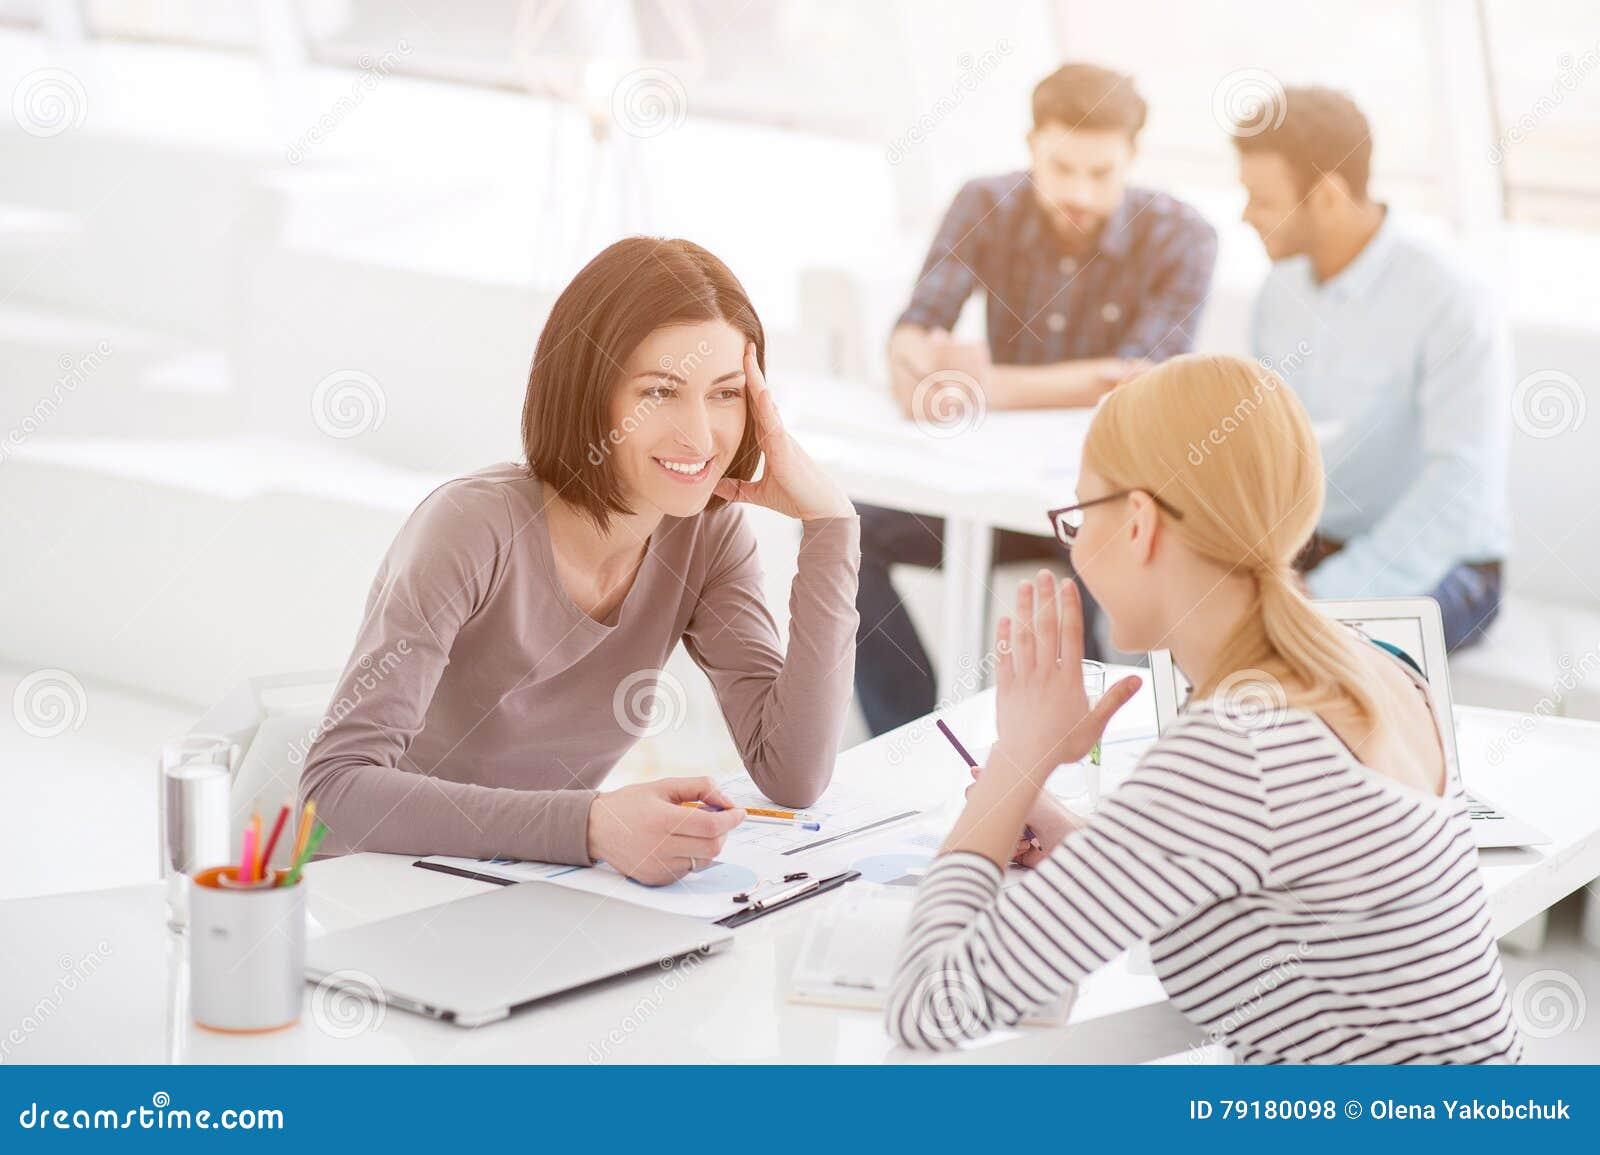 Tillsammans fungera för två kvinnor